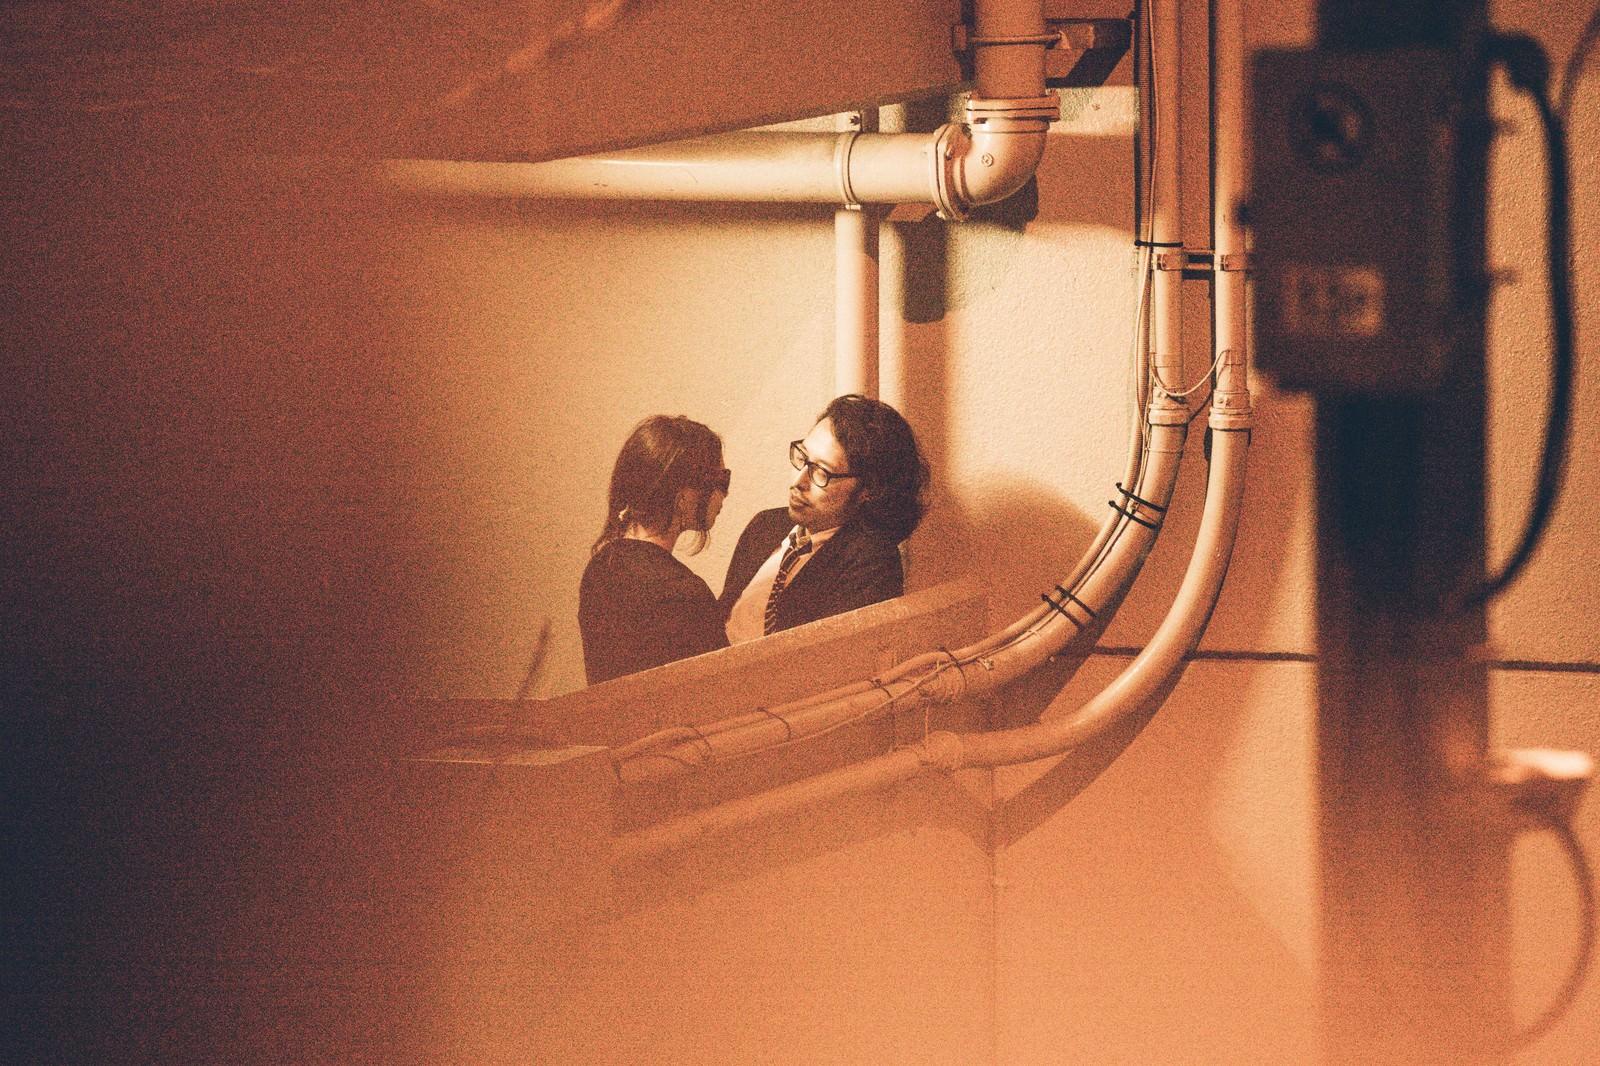 「非常階段で非常事態の男女」の写真[モデル:ゆうせい]